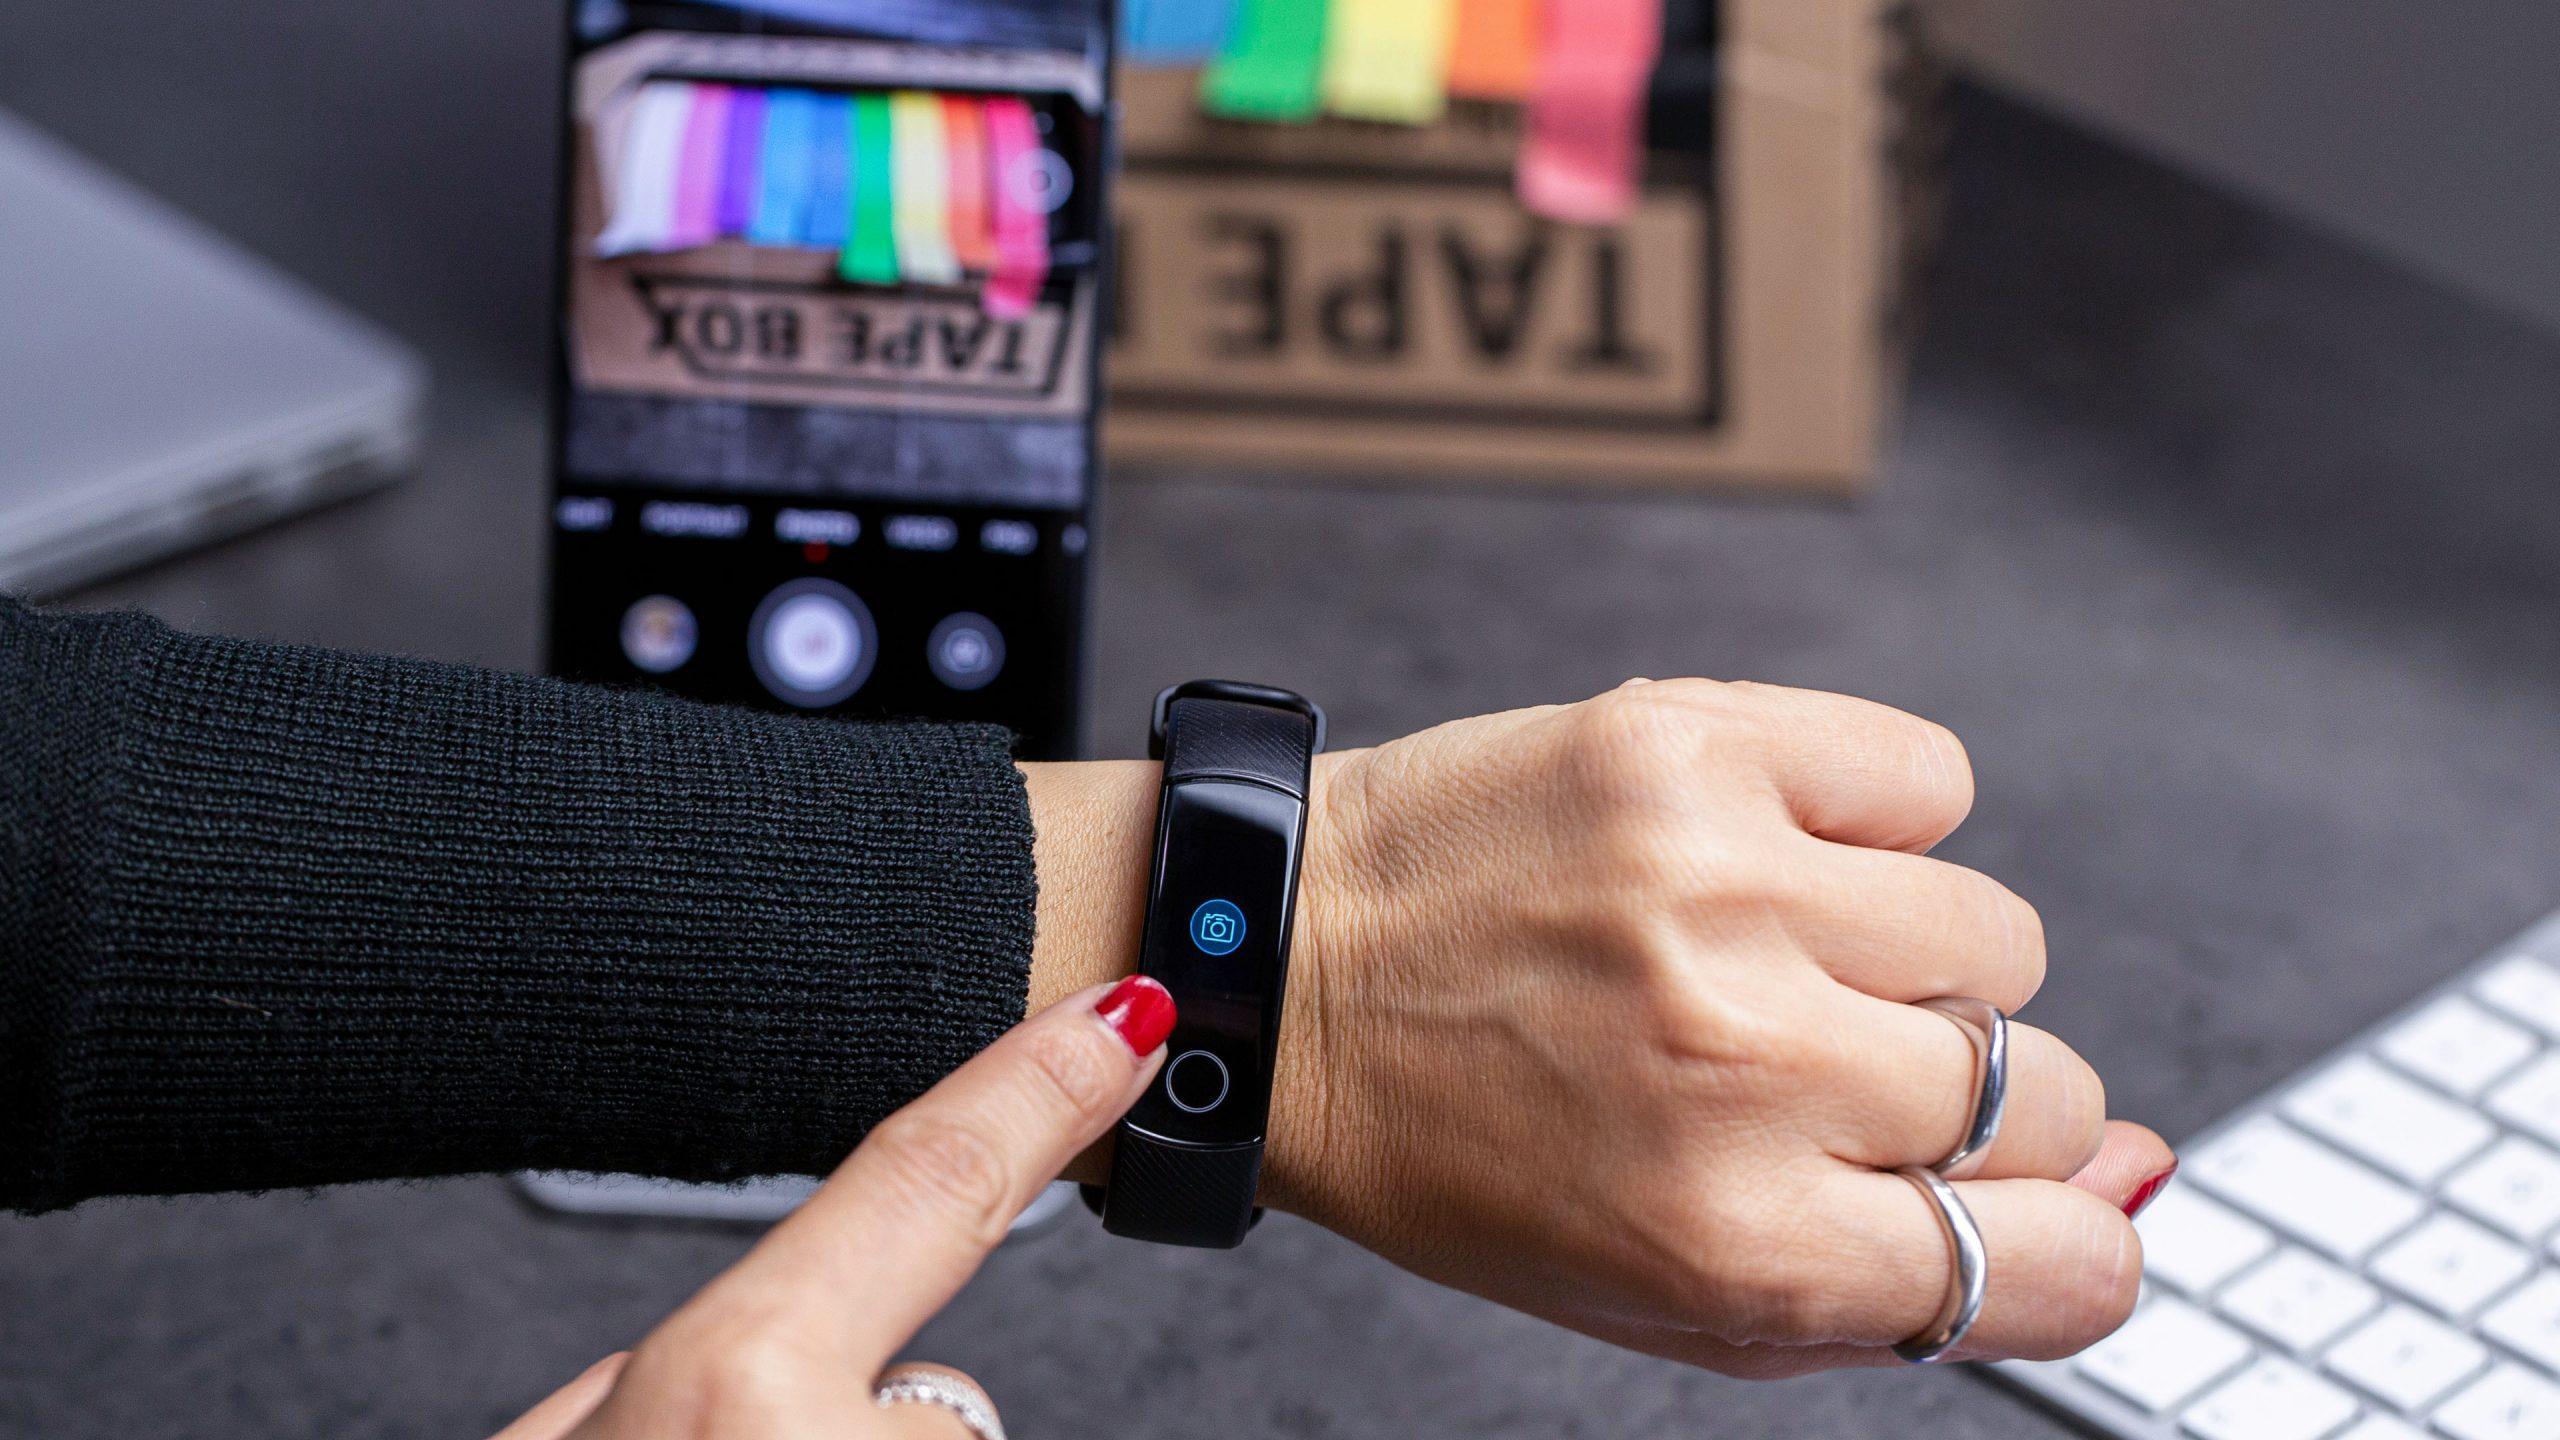 5 Smartwatch Murah Terbaik, Harga Terjangkau Serta Kualitas Paling Bagus Yang Wajib Kamu Miliki 7